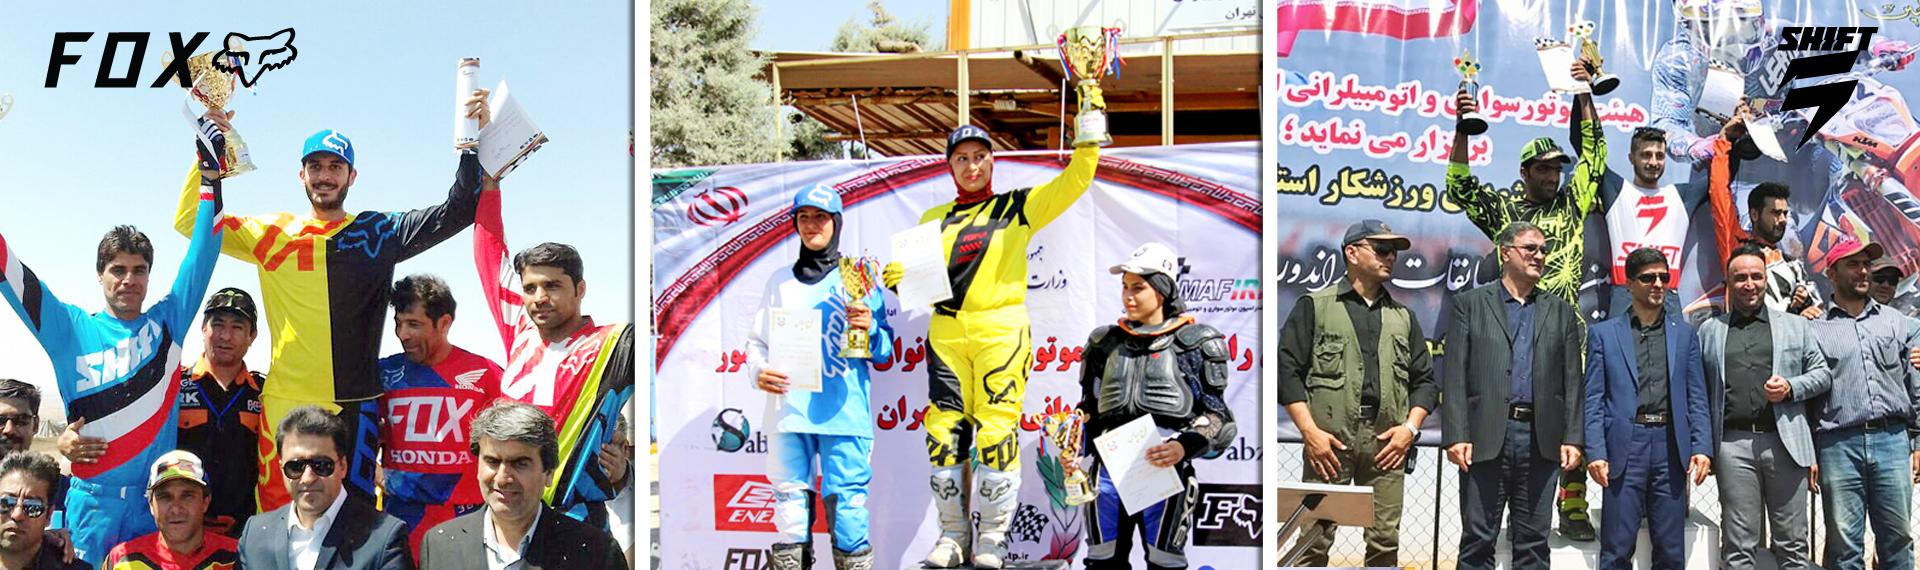 افتخارات اعضای تیم فاکس و شیفت در مسابقات موتورسواری ایران شهریور ماه 1397